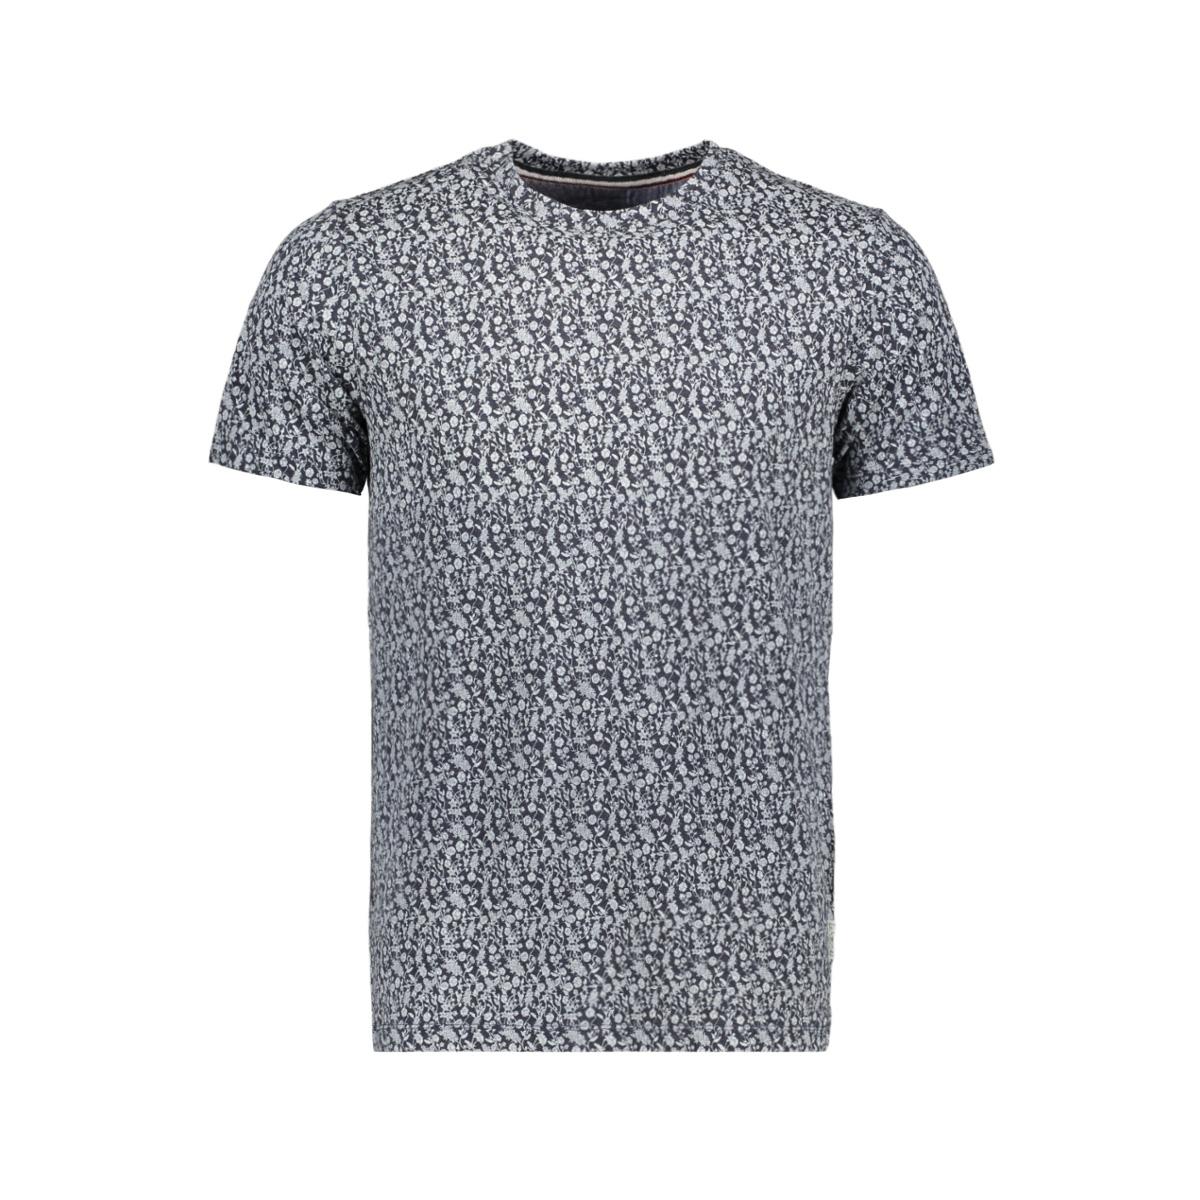 pktgms also aop tee ss 12149673 produkt t-shirt navy blazer/melange